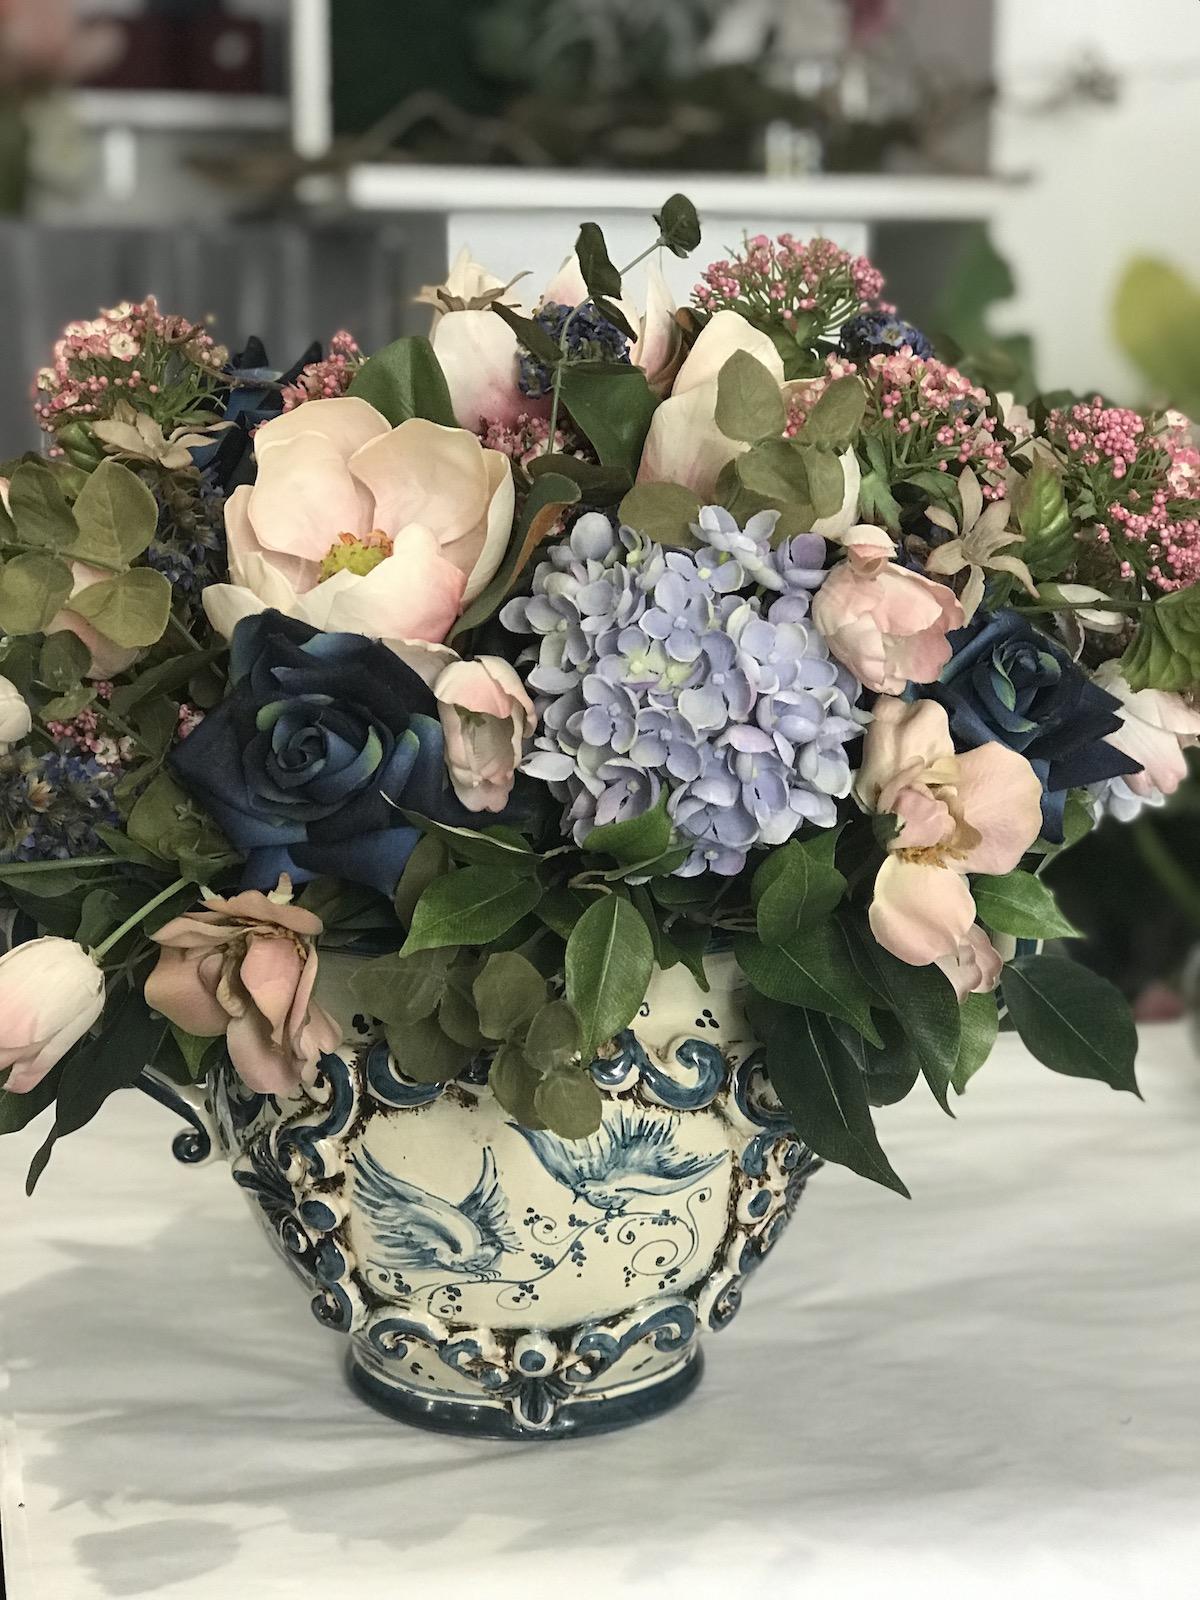 composizione fiori finti artificiali roma prati deco fleurs